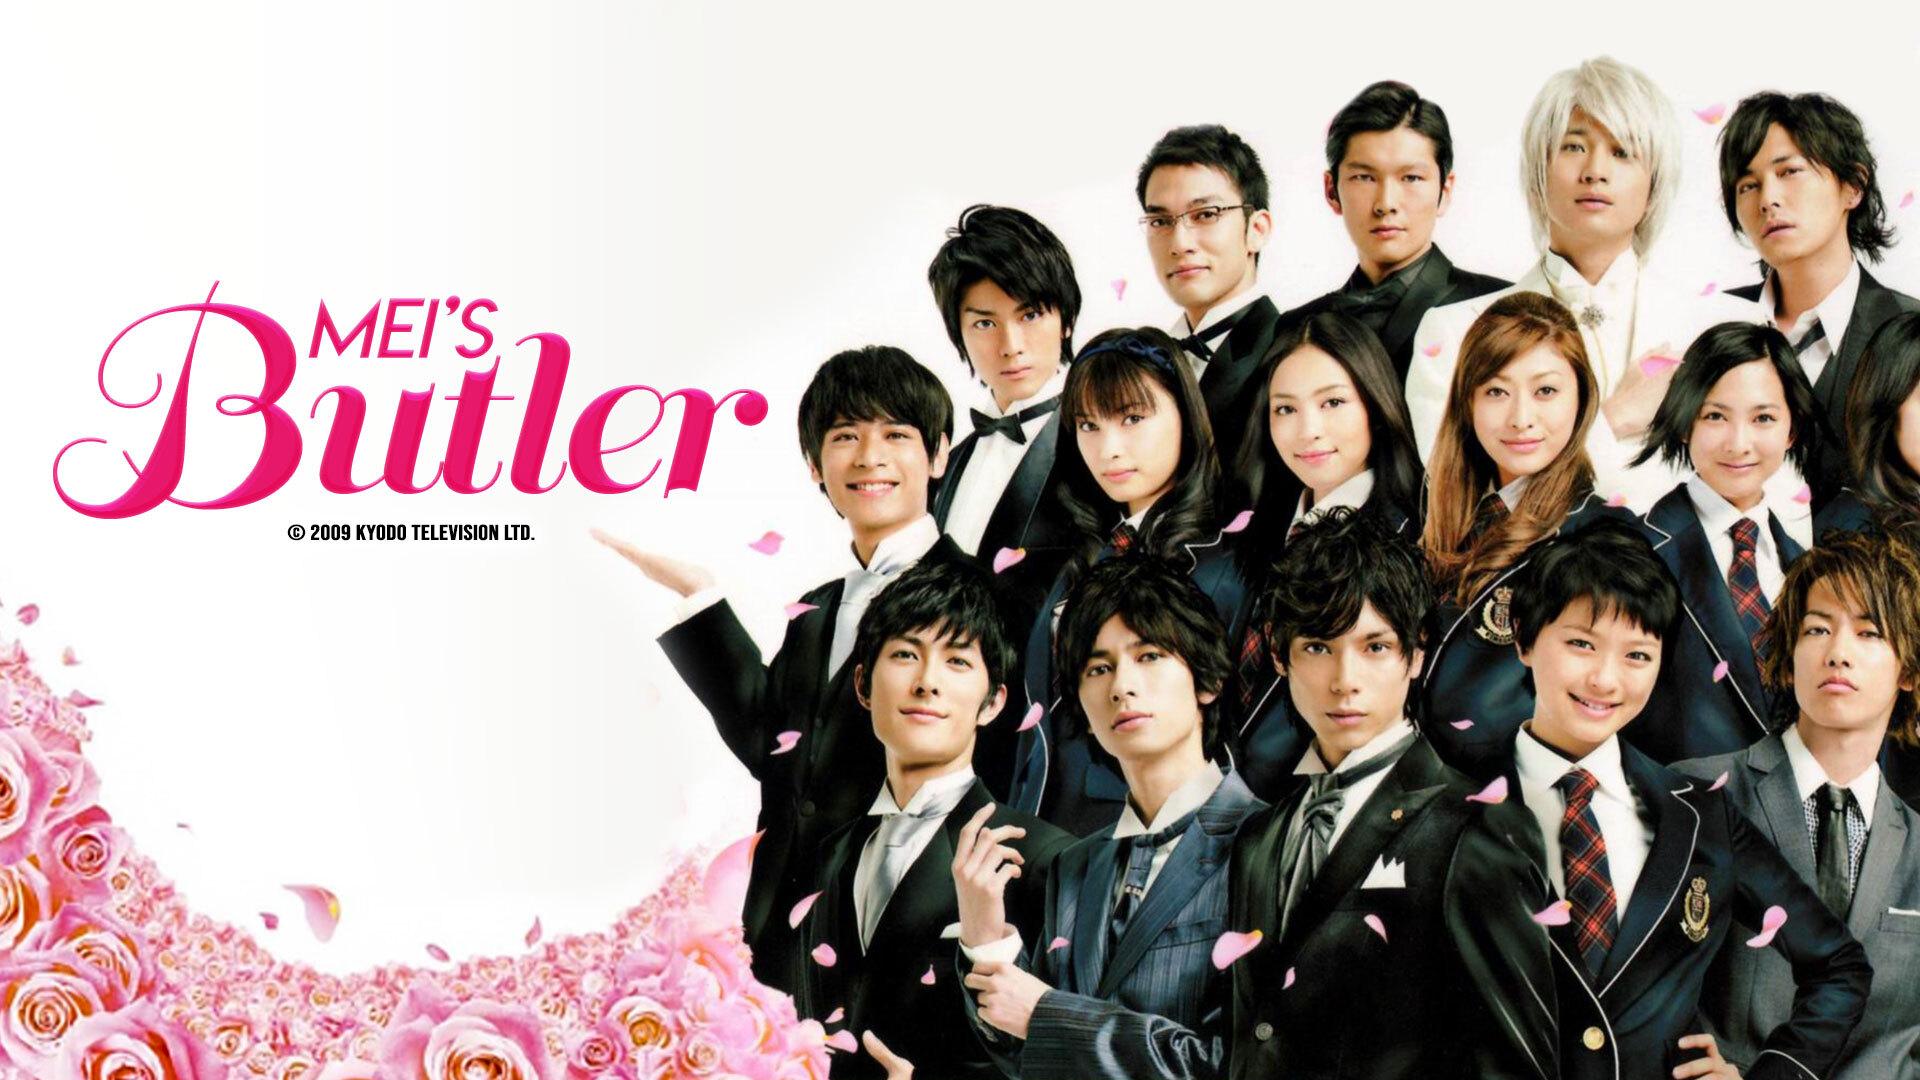 Mei's Butler